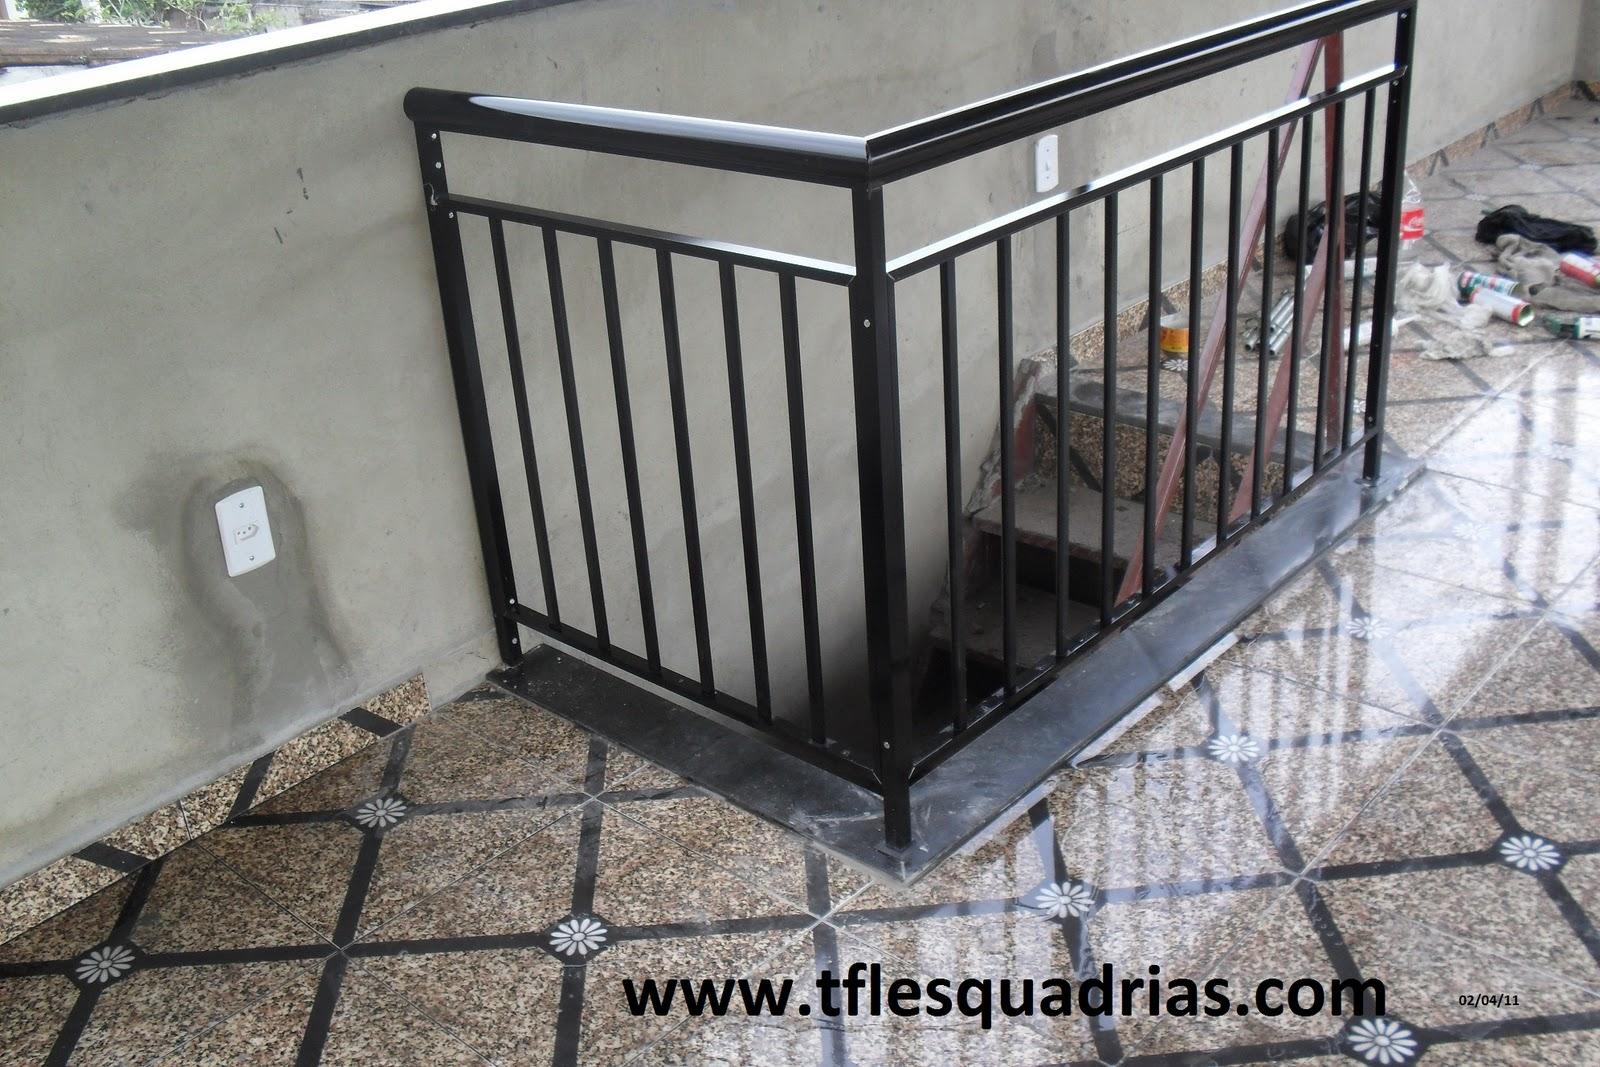 #585F73 Janelas & Portas TFL Esquadrias. 1088 Portas E Janelas De Aluminio Mais Barato Em Bh